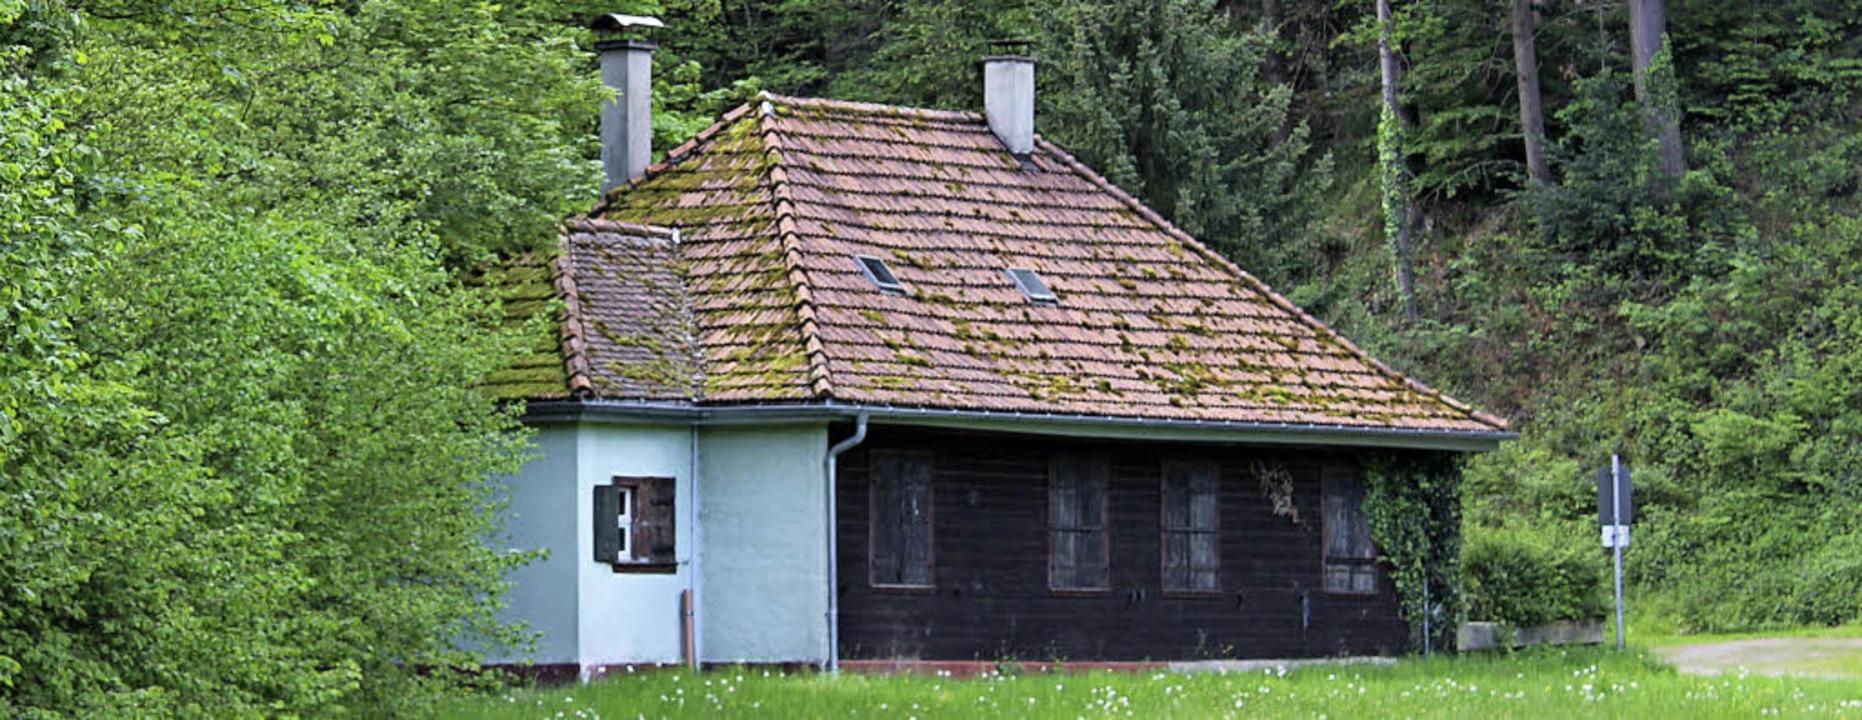 Das alte und ausgediente Schützenhaus ...ald soll zum wichtigen Drehort werden.  | Foto: Erich Krieger